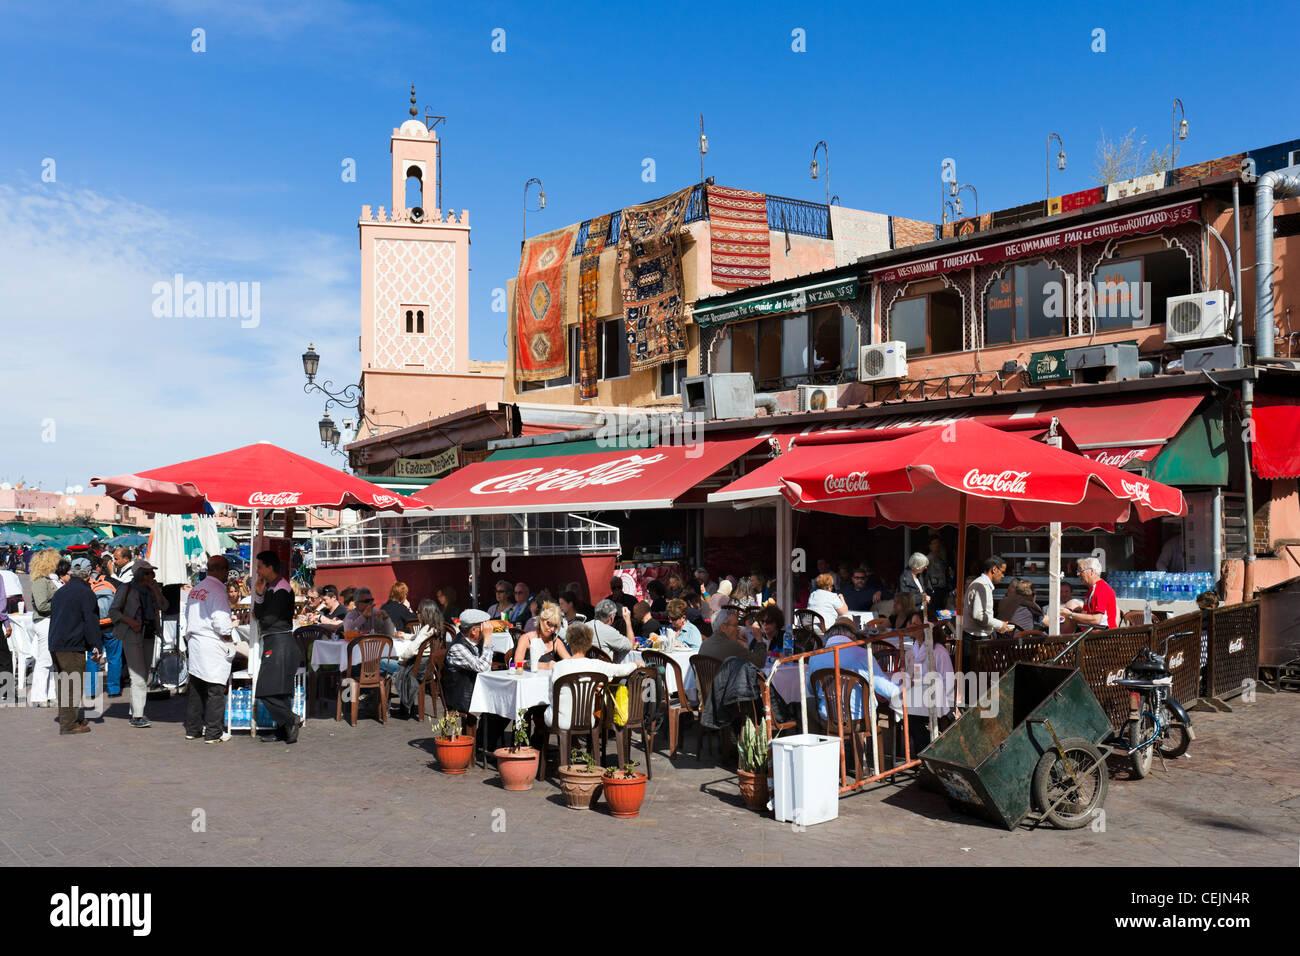 Ristoranti lungo il bordo di Djemaa el Fna sqare, Marrakech, Marocco, Africa del Nord Immagini Stock